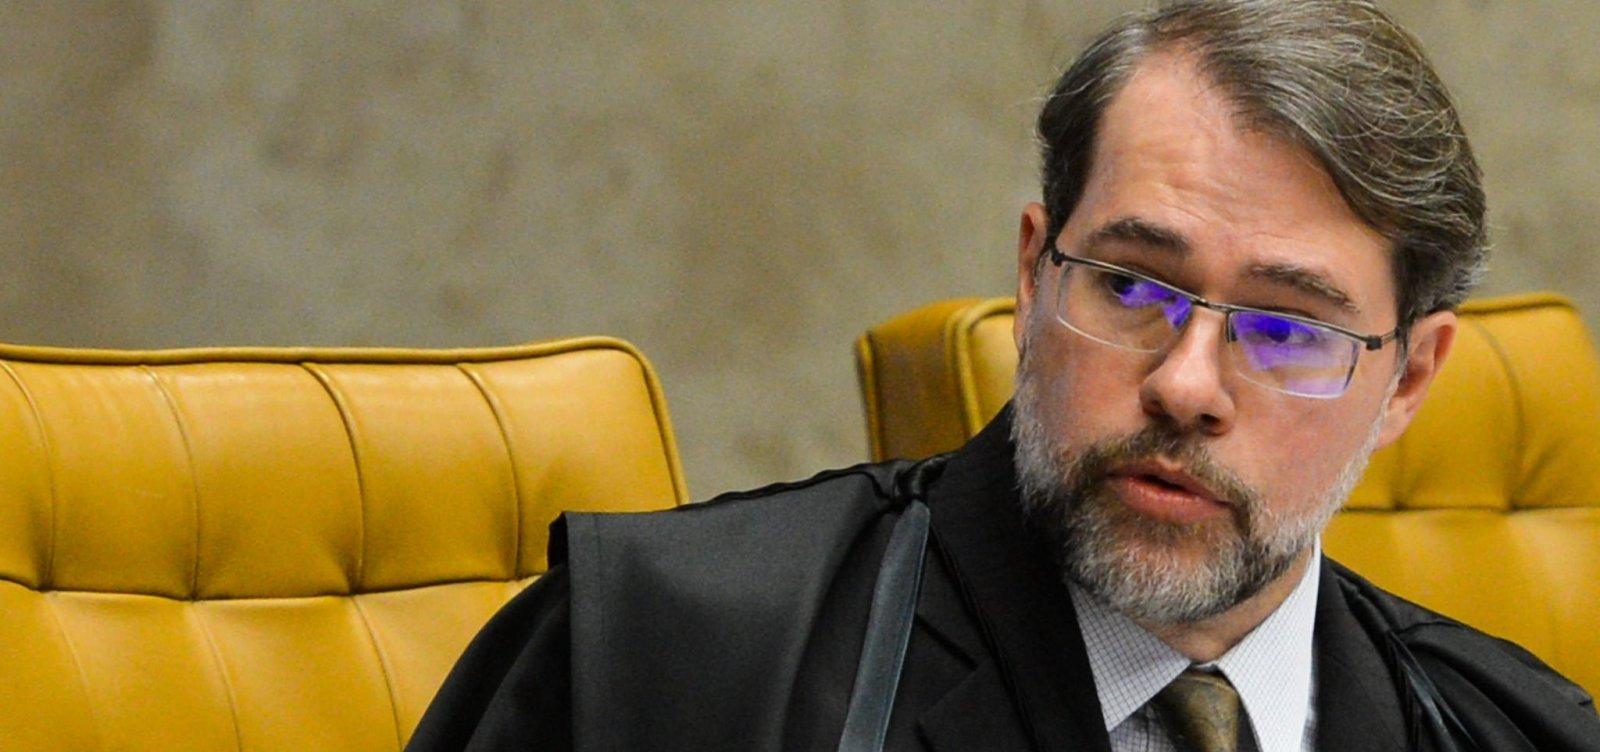 Toffoli anuncia criação de comitê para discutir obras paralisadas